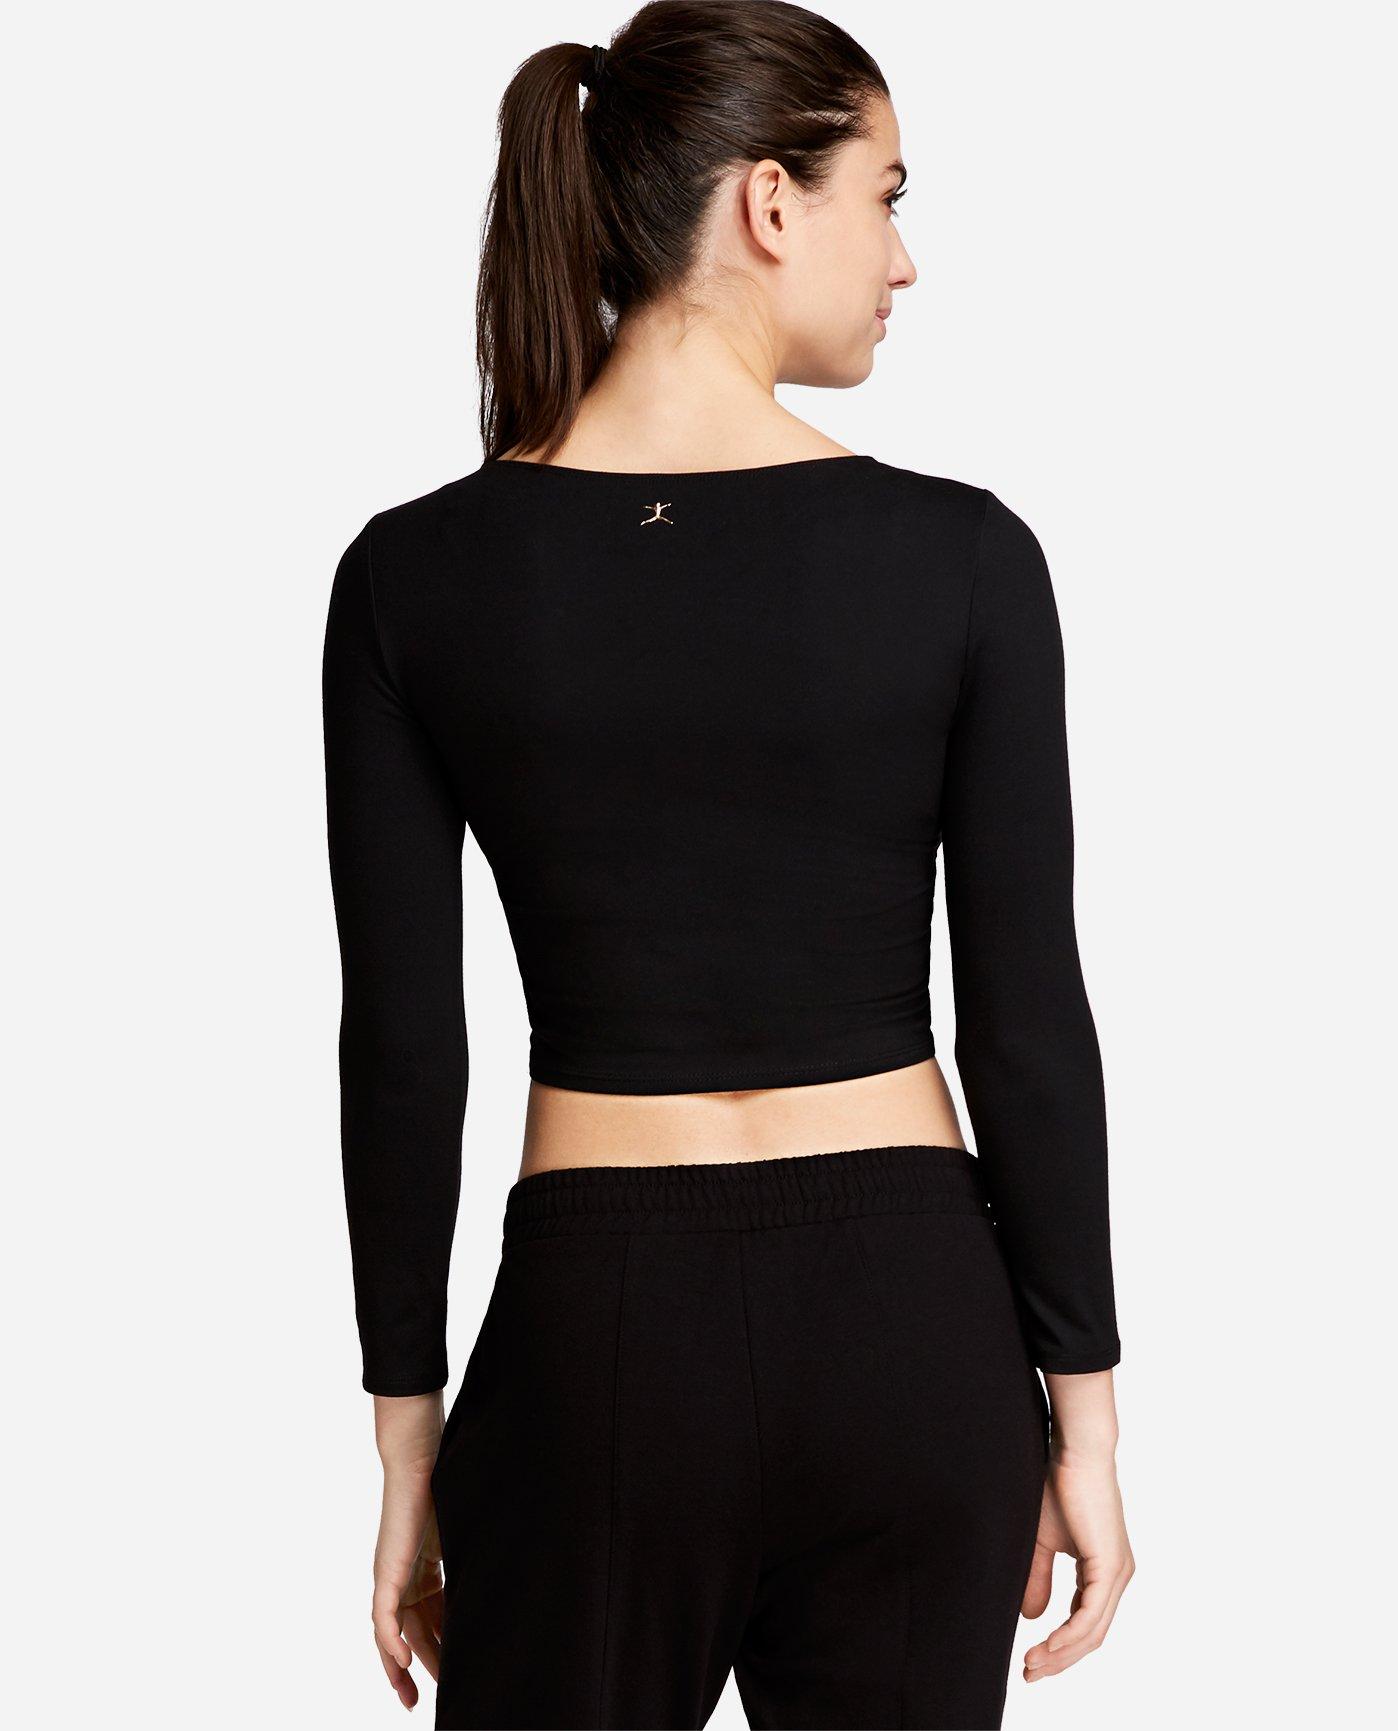 Long Sleeve Crossover Top Jenna Dewan X Danskin